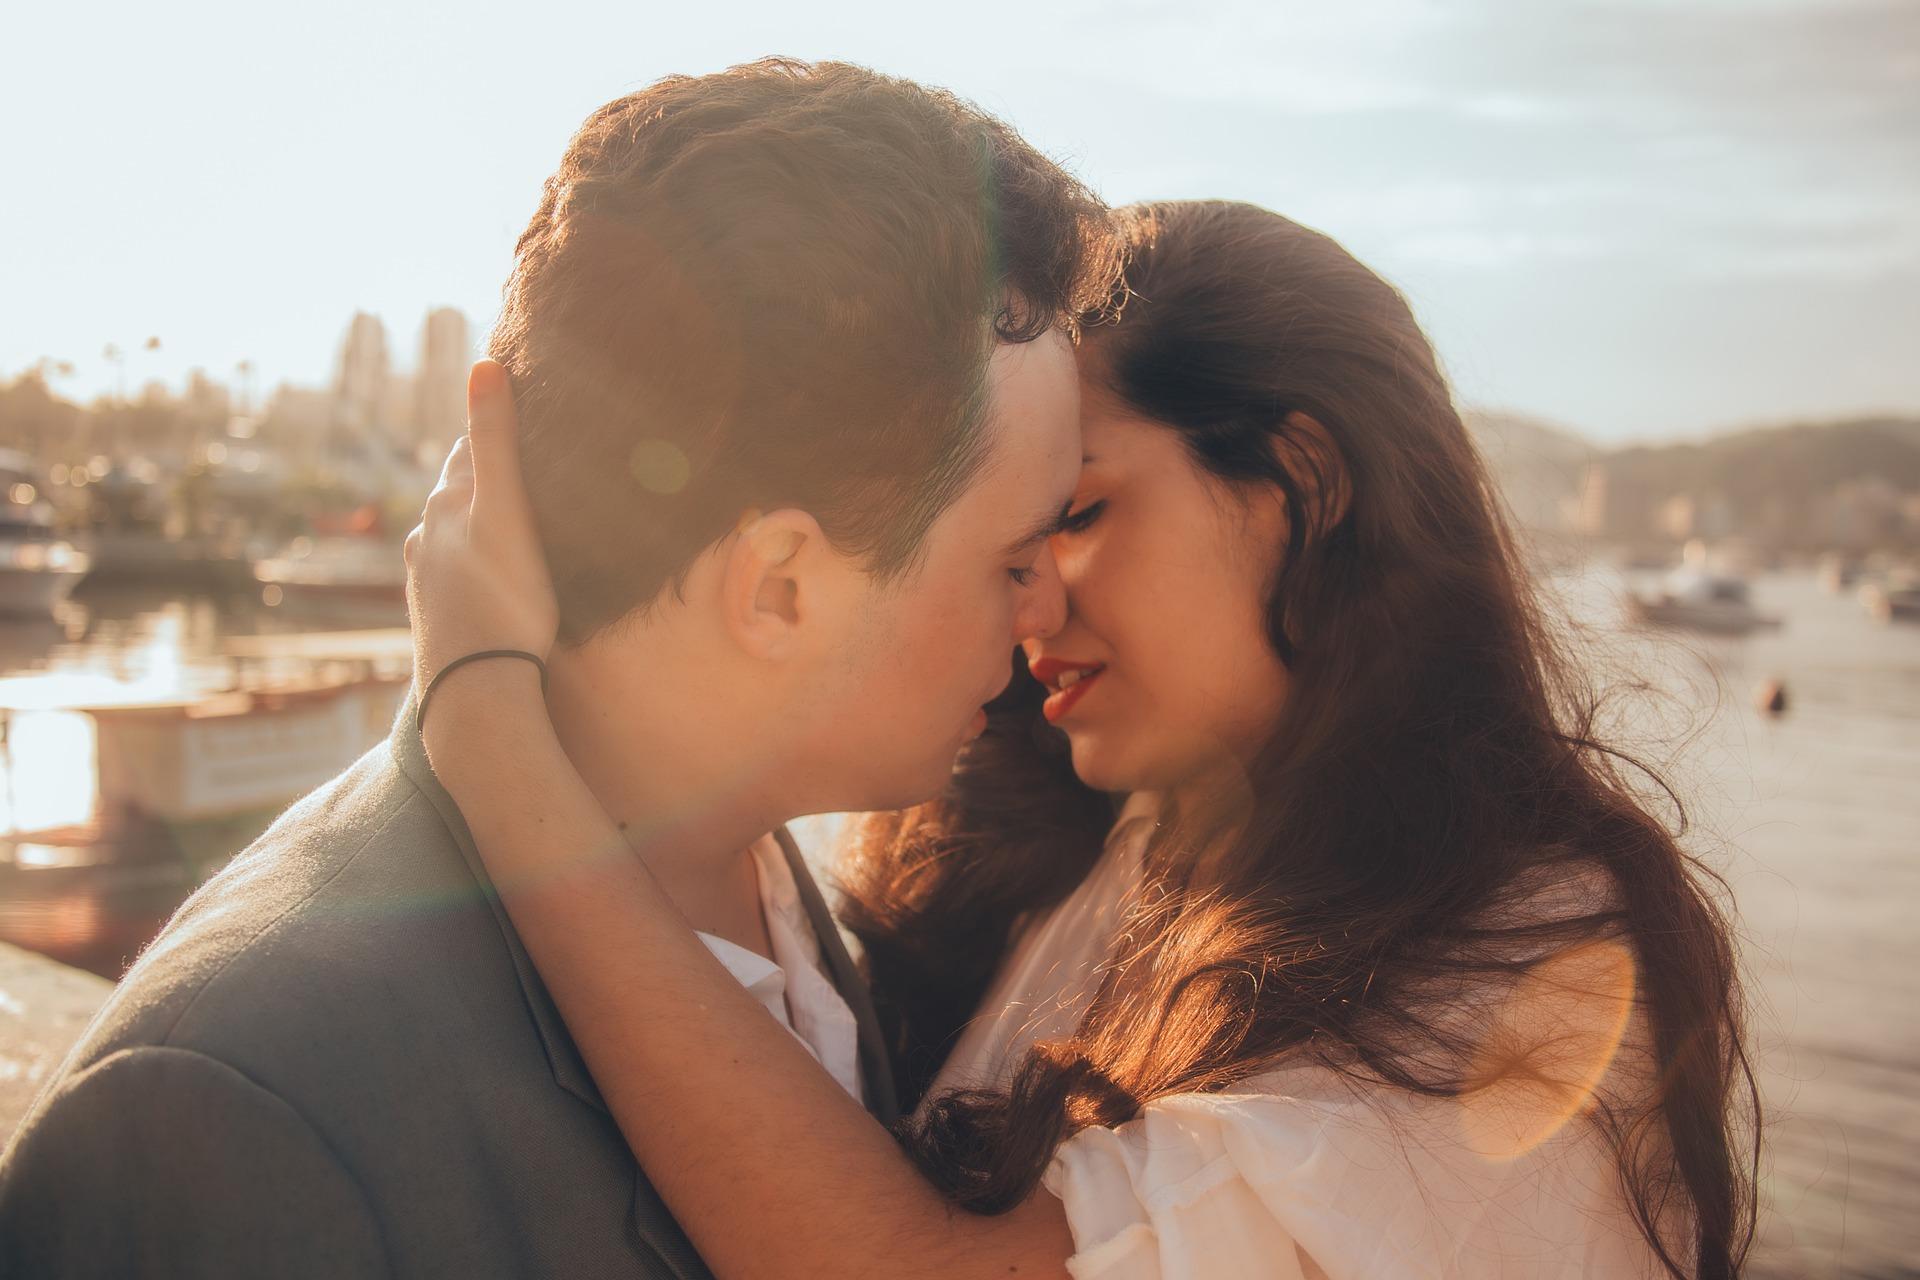 αγάπη σεξ dating και γάμουαμφιφυλόφιλων προβλήματα γνωριμιών